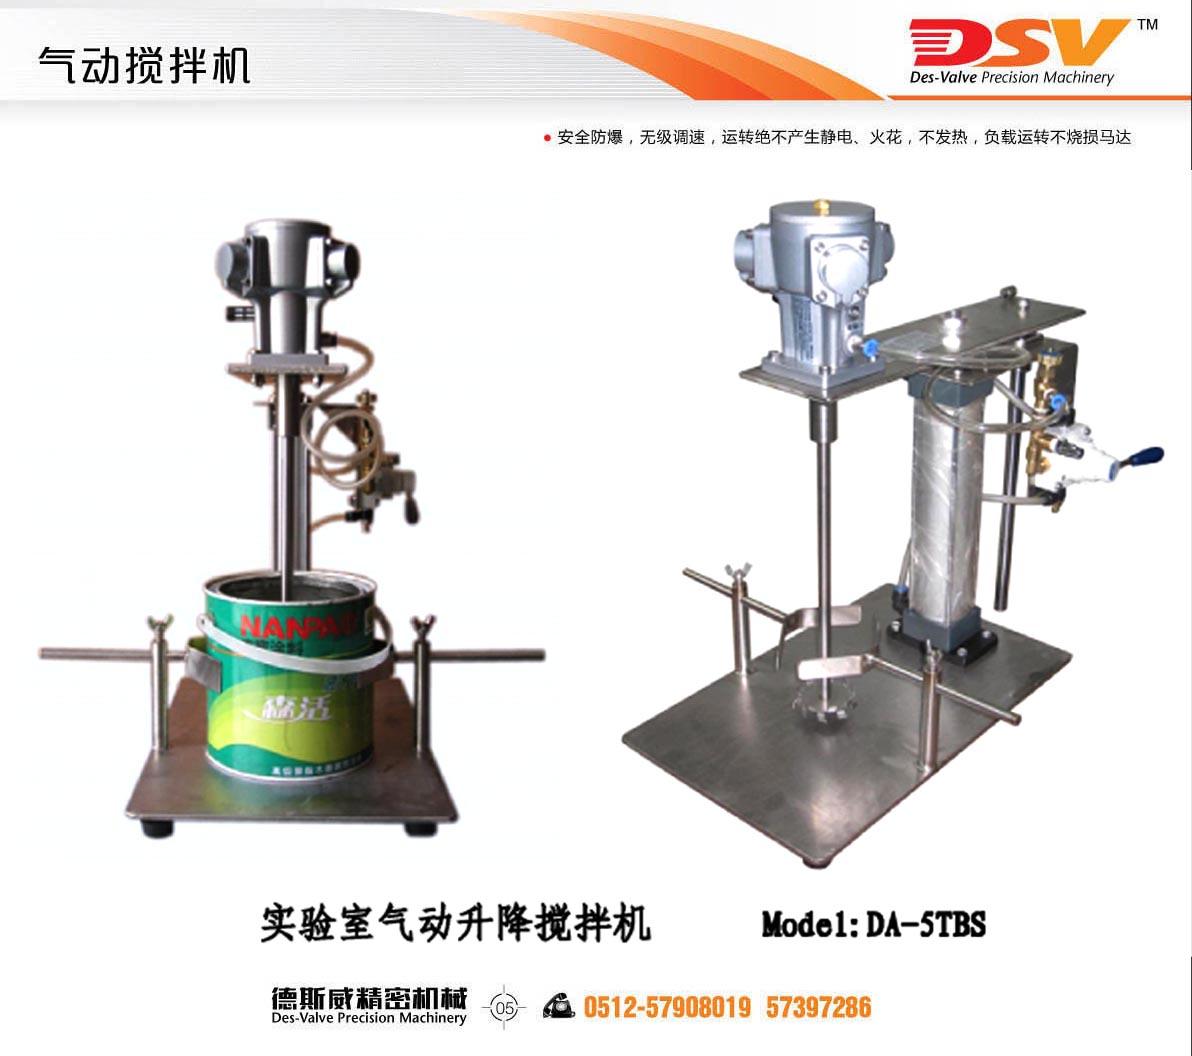 气动搅拌机实验室搅拌机-实验室搅拌机-桌上型搅拌器图片